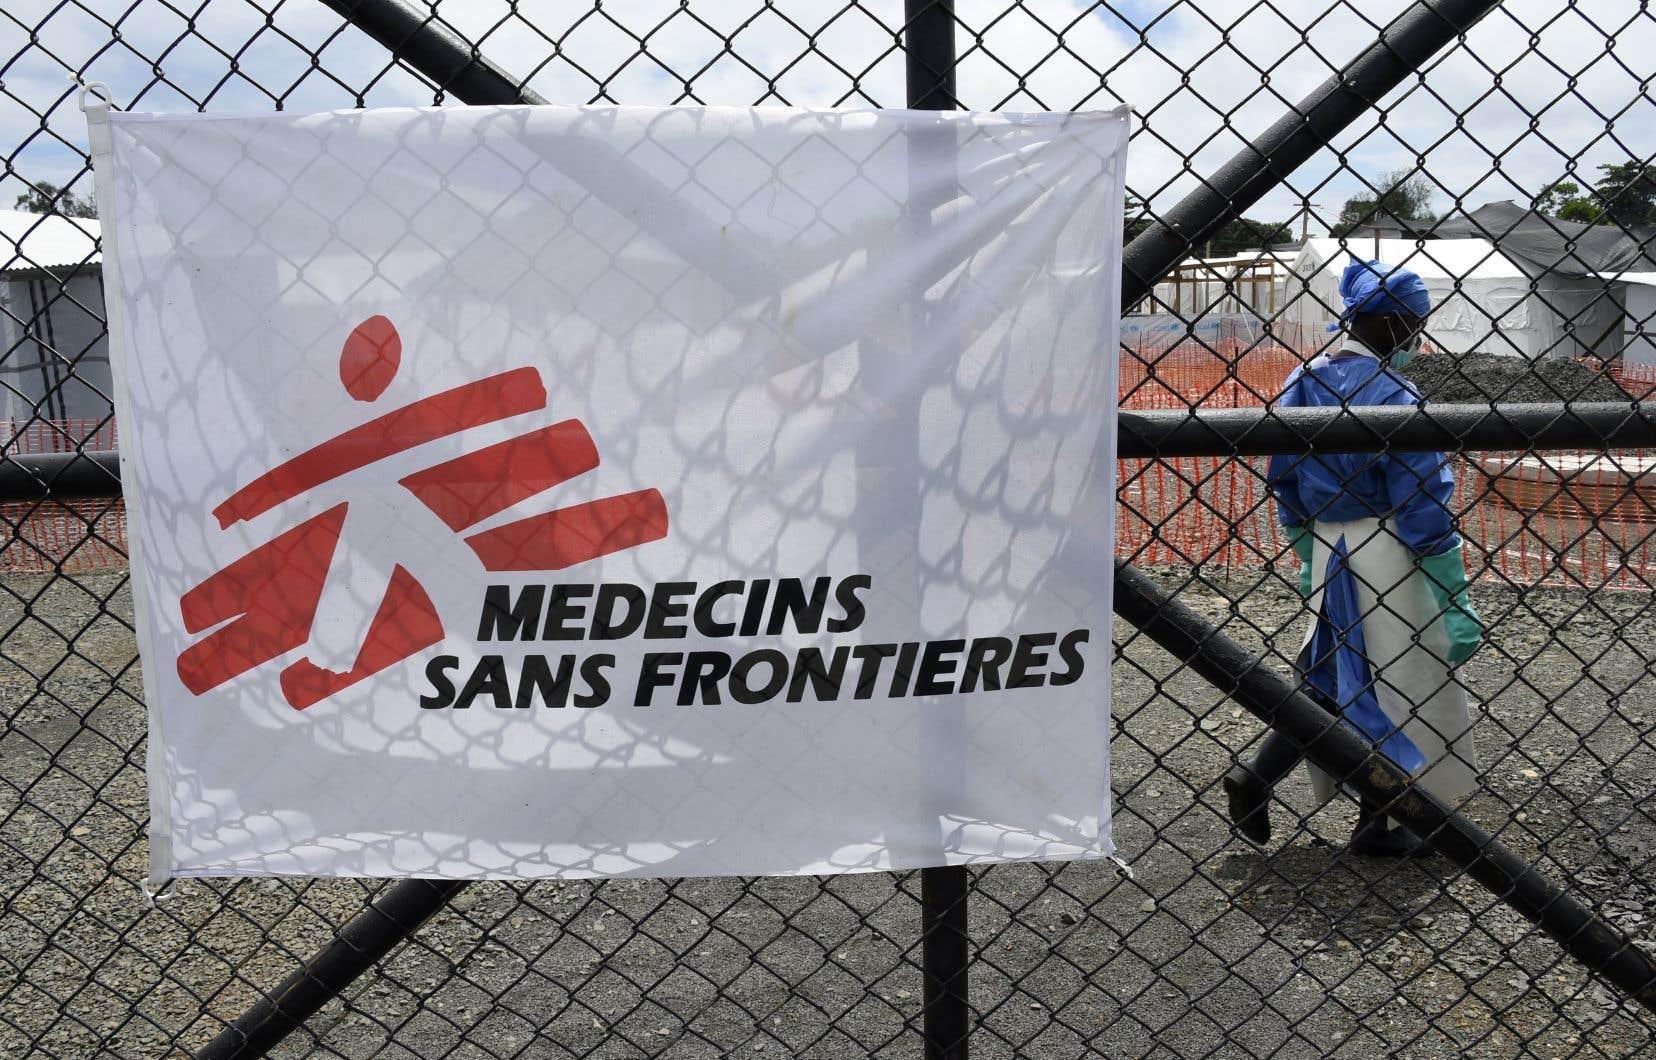 Selon la BBC, ces accusations visent des logisticiens, et non des médecins ou infirmiers, en poste au Kenya, au Liberia et en Afrique centrale.